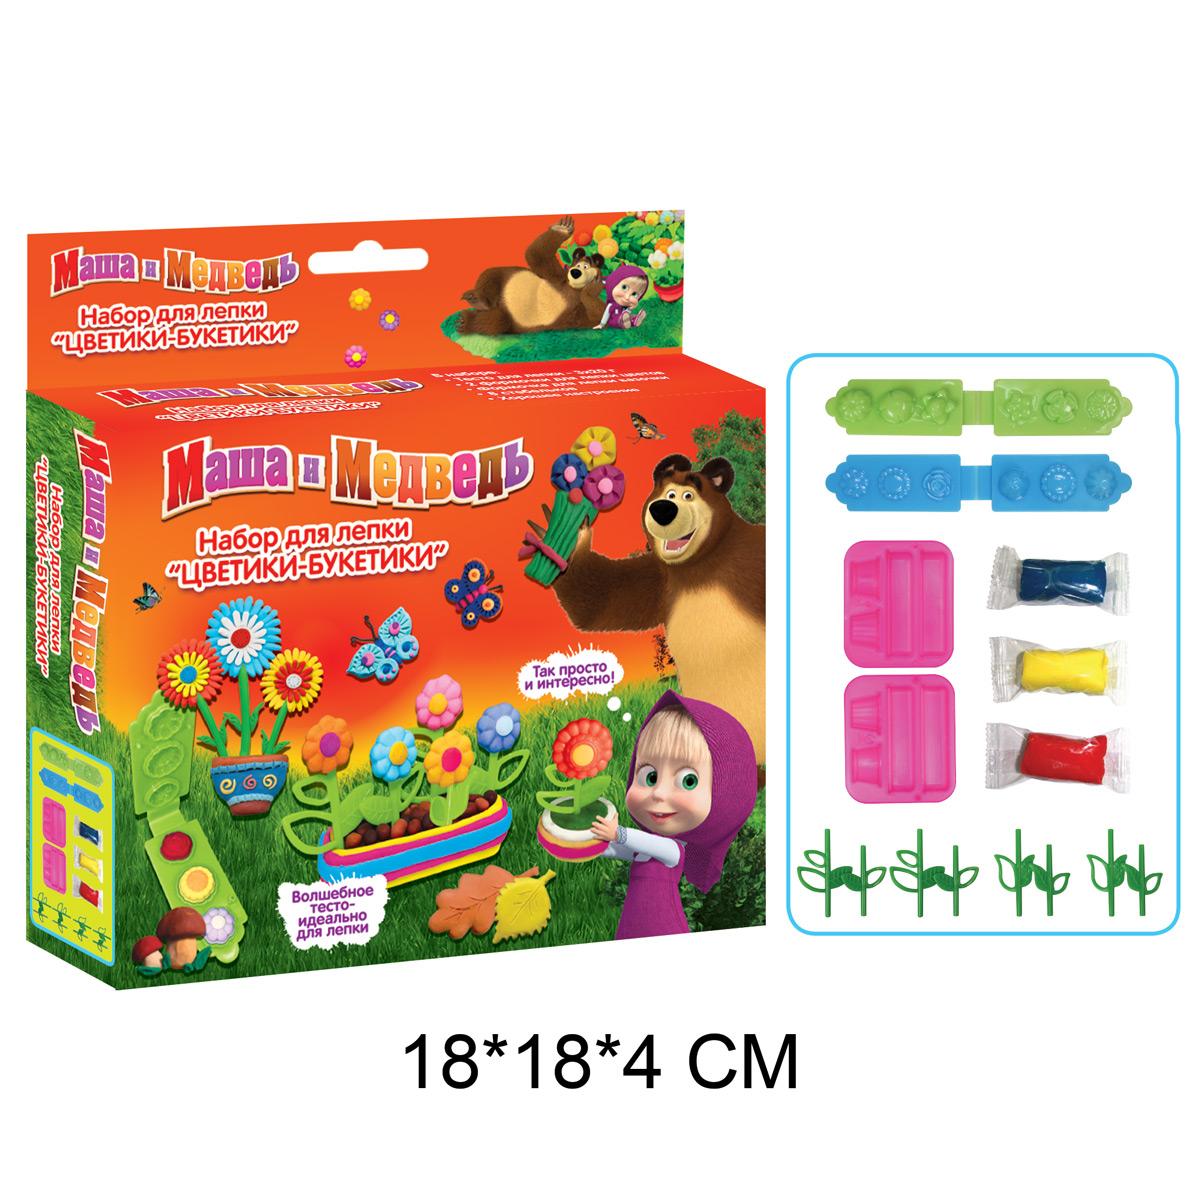 Набор для лепки Маша и Медведь - Цветики-букетикиМаша и медведь игрушки<br>Набор для лепки Маша и Медведь - Цветики-букетики<br>